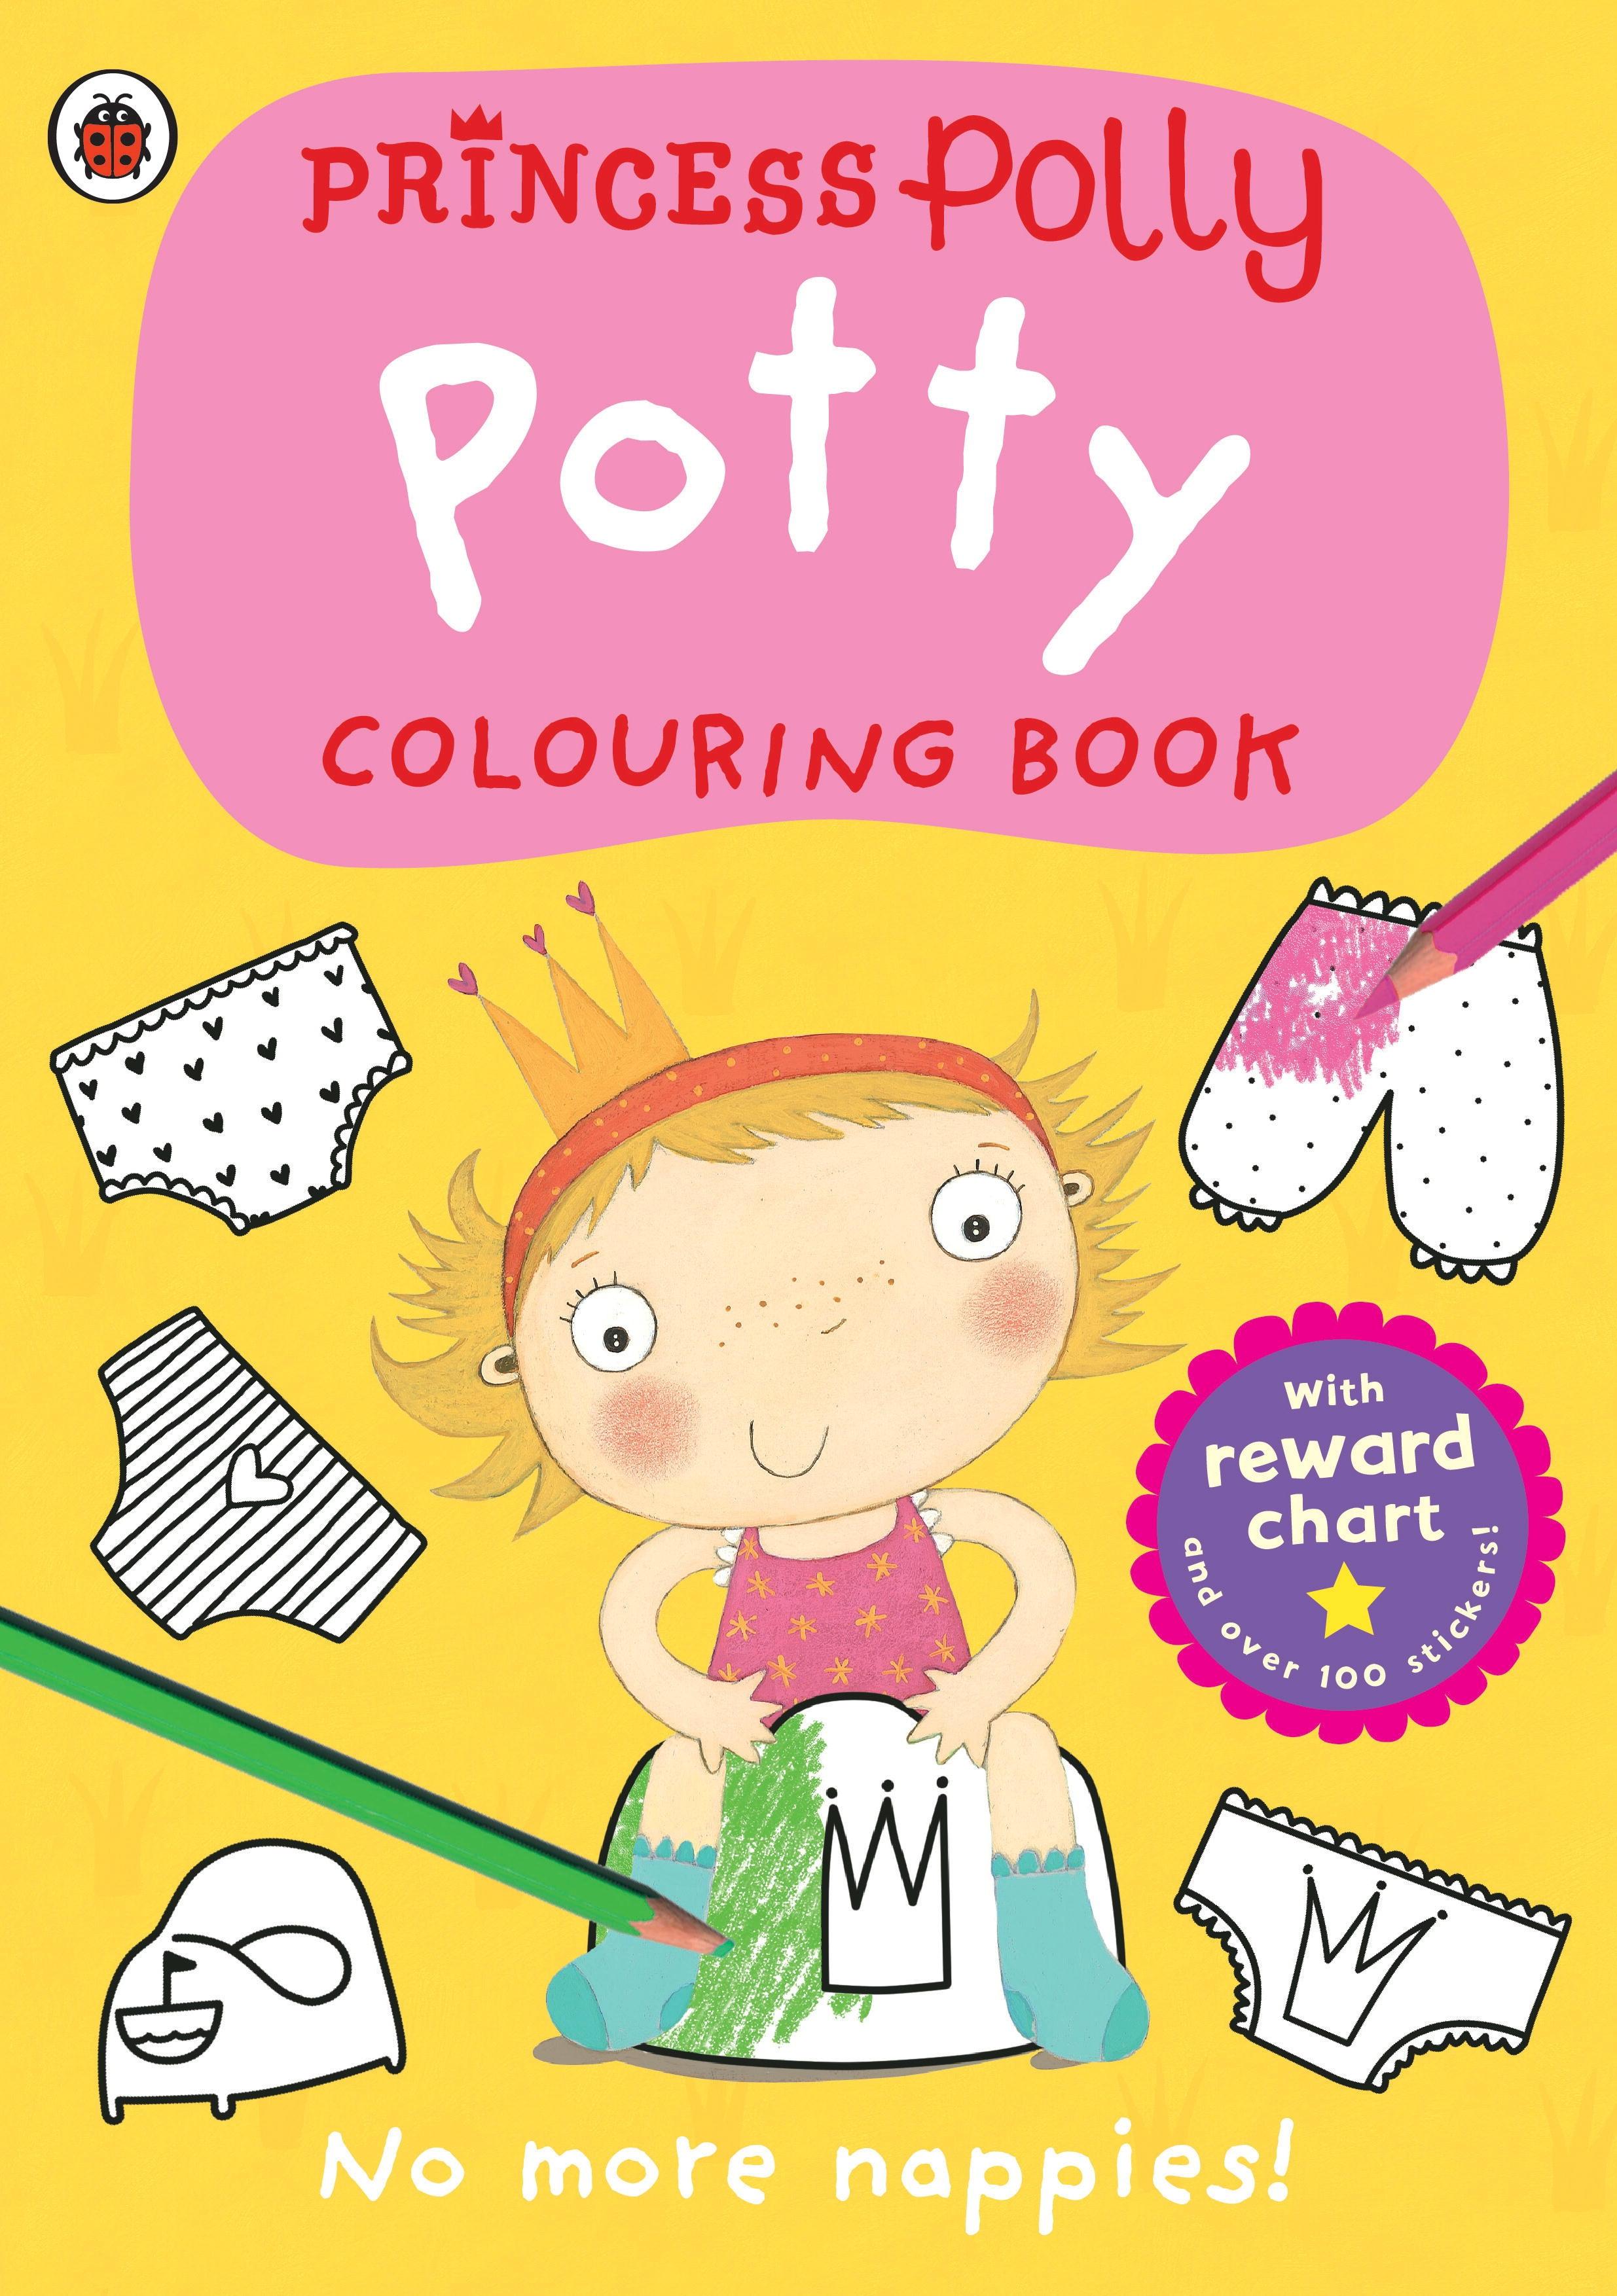 princess polly potty colouring book penguin books princess polly potty colouring book